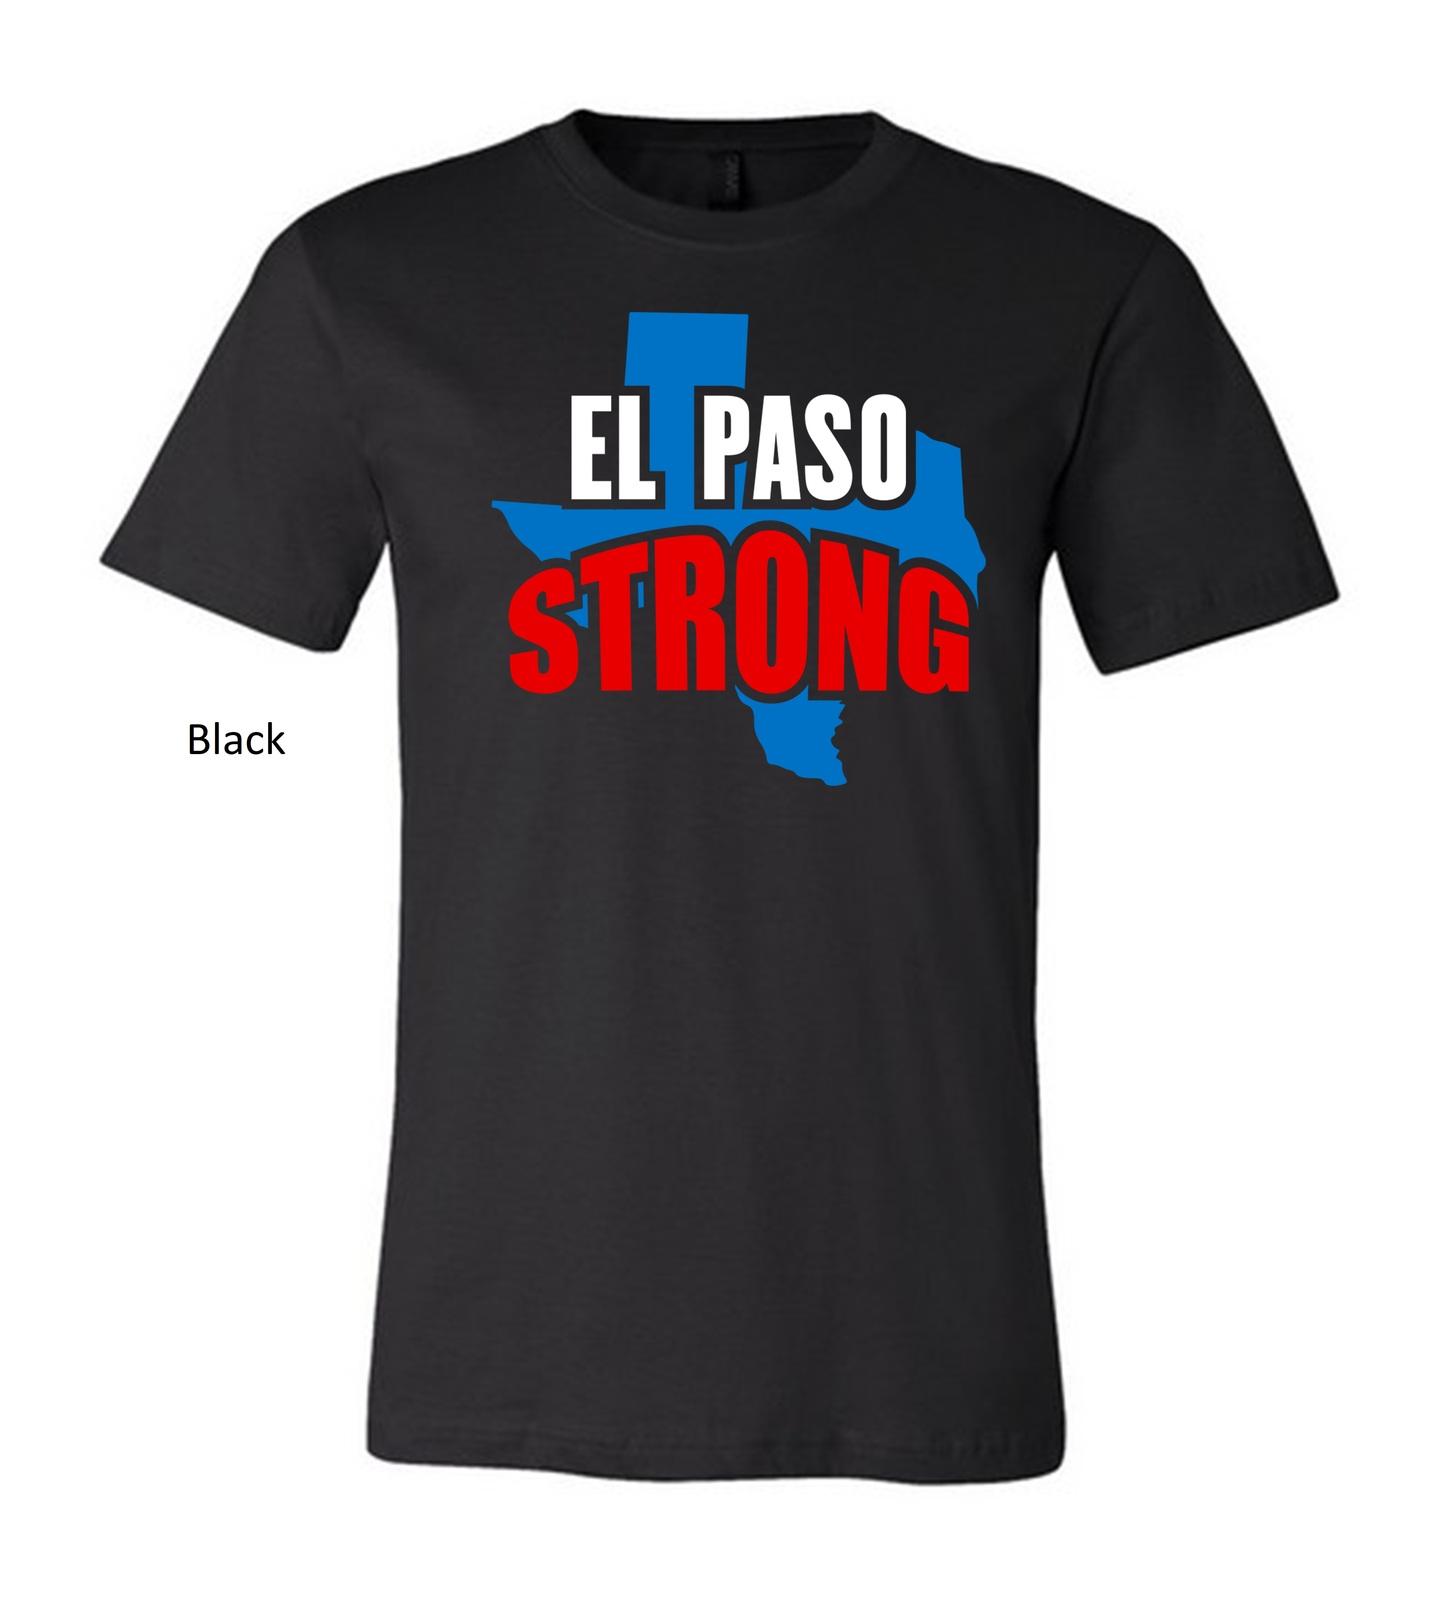 el paso strong unisex t shirt, El Paso Texas Strong tshirt El Paso Texas tee image 4